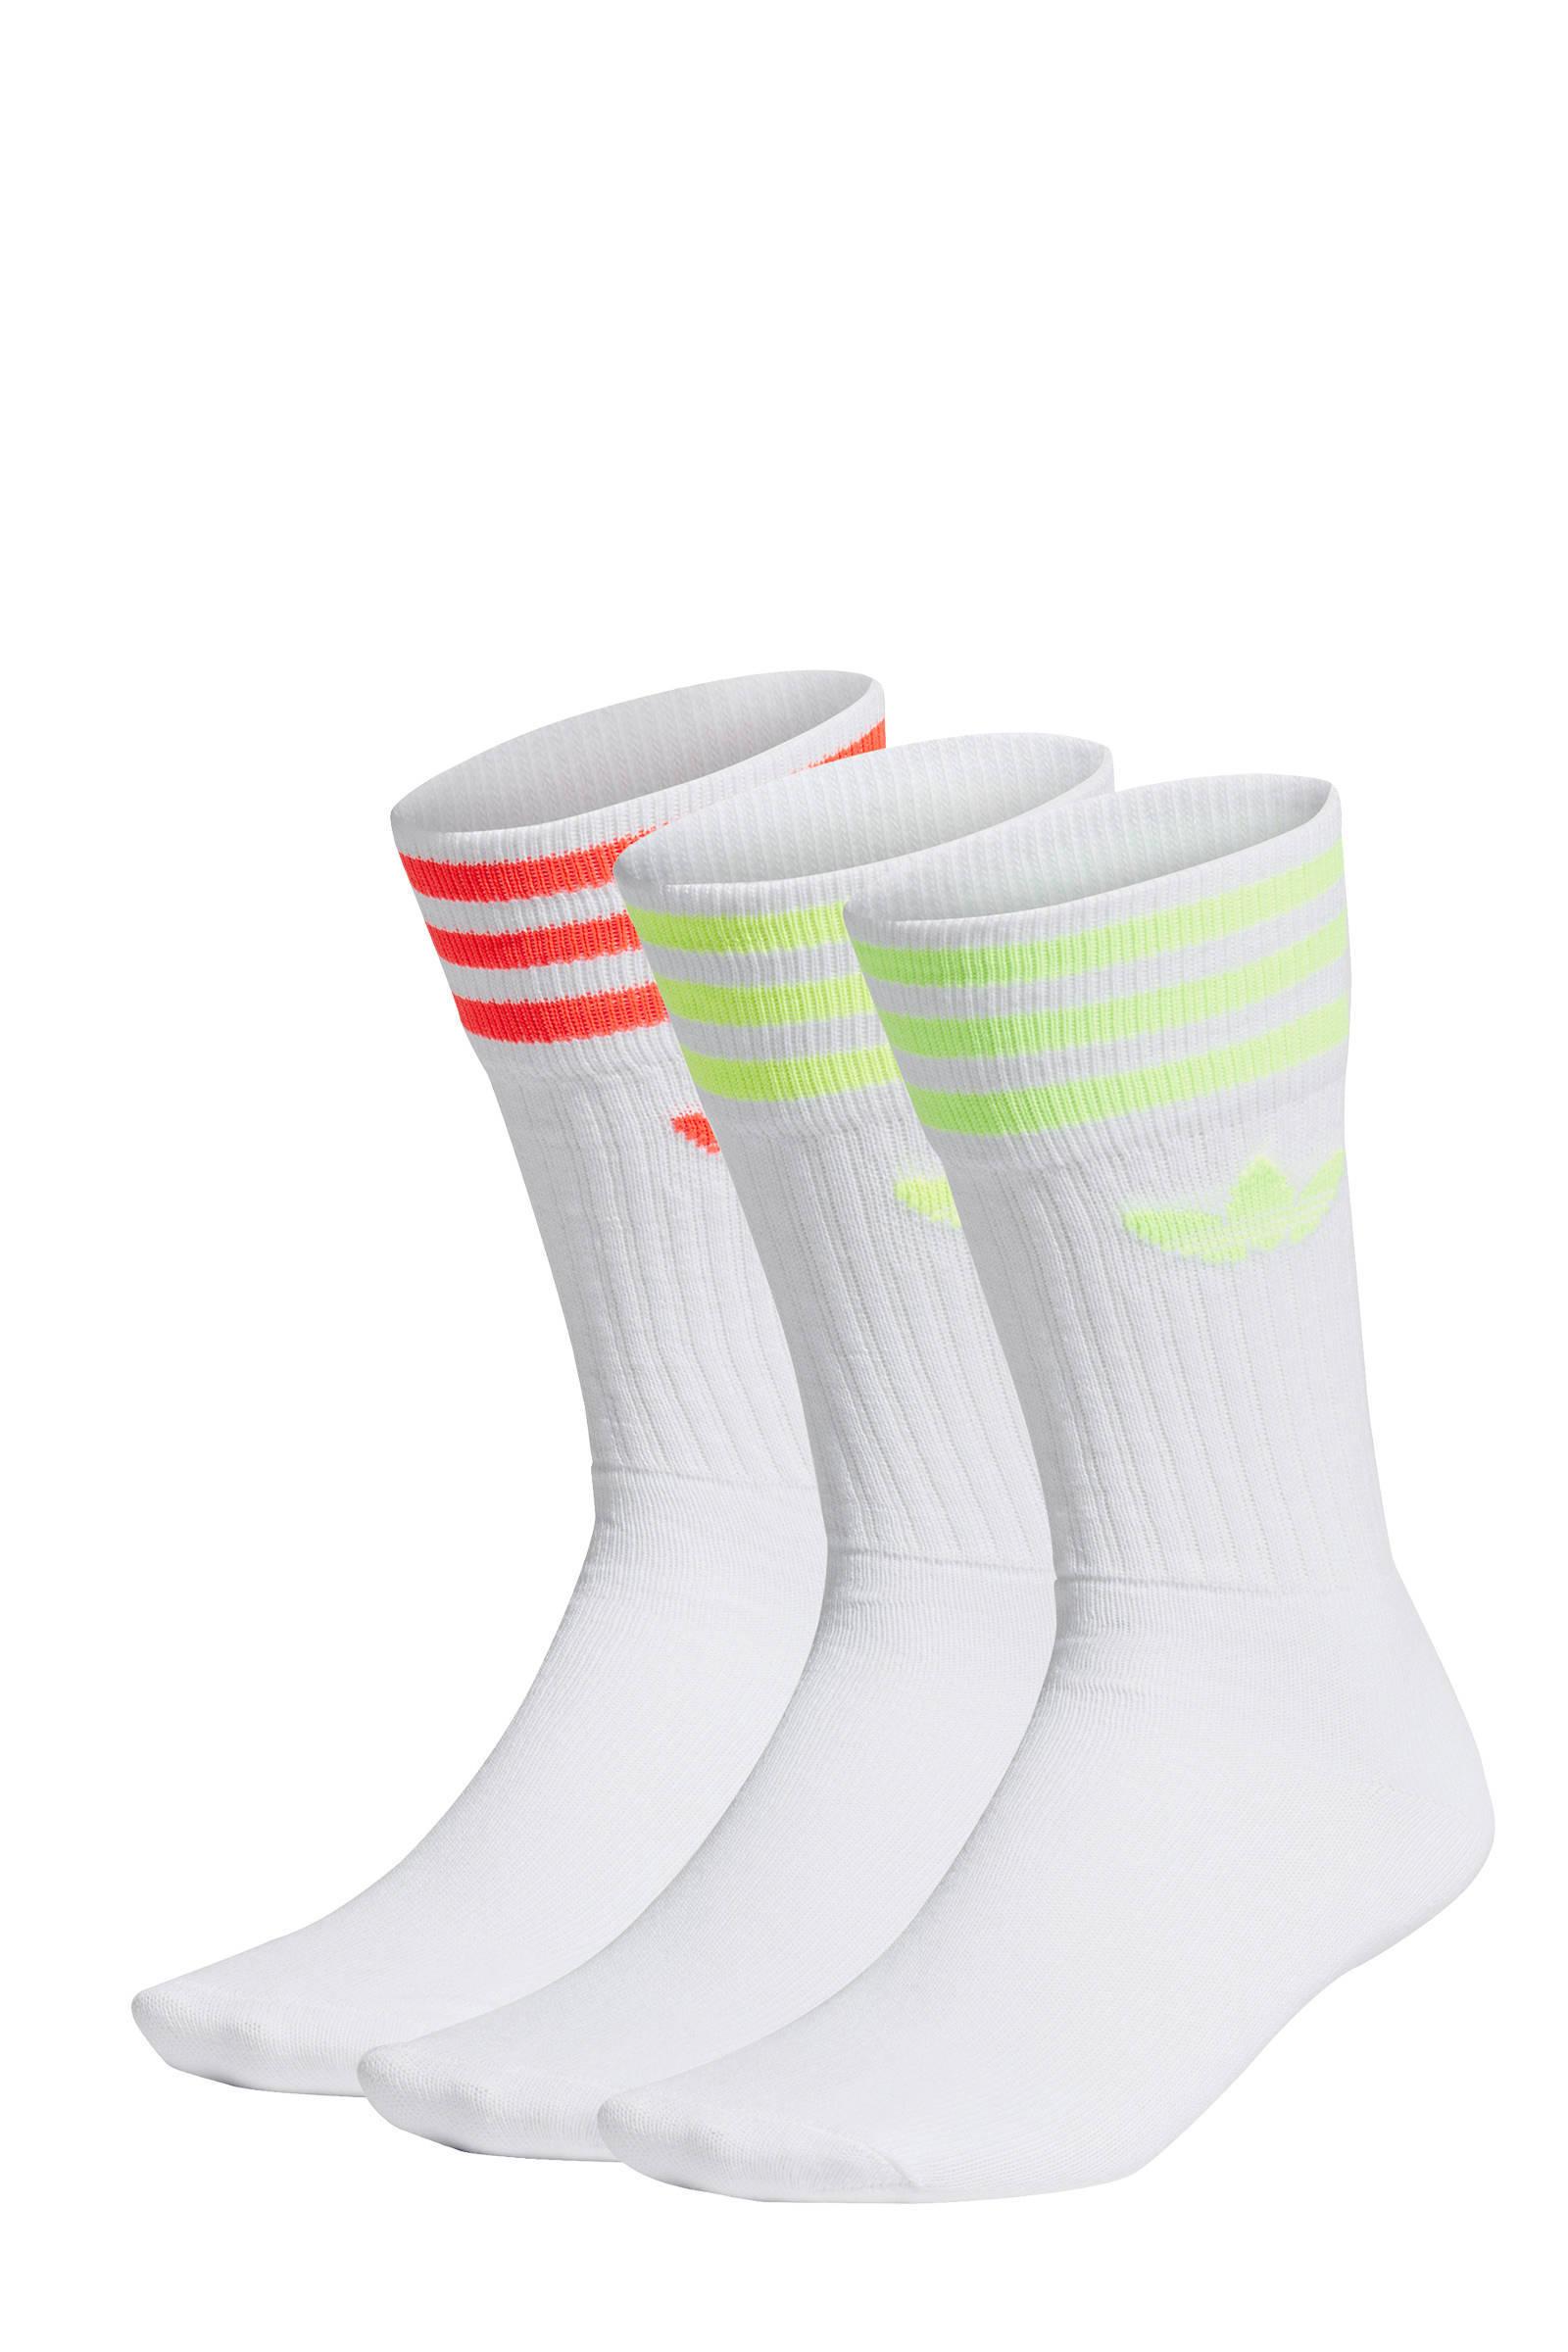 Adicolor sokken (set van 3 paar) witgroenrood